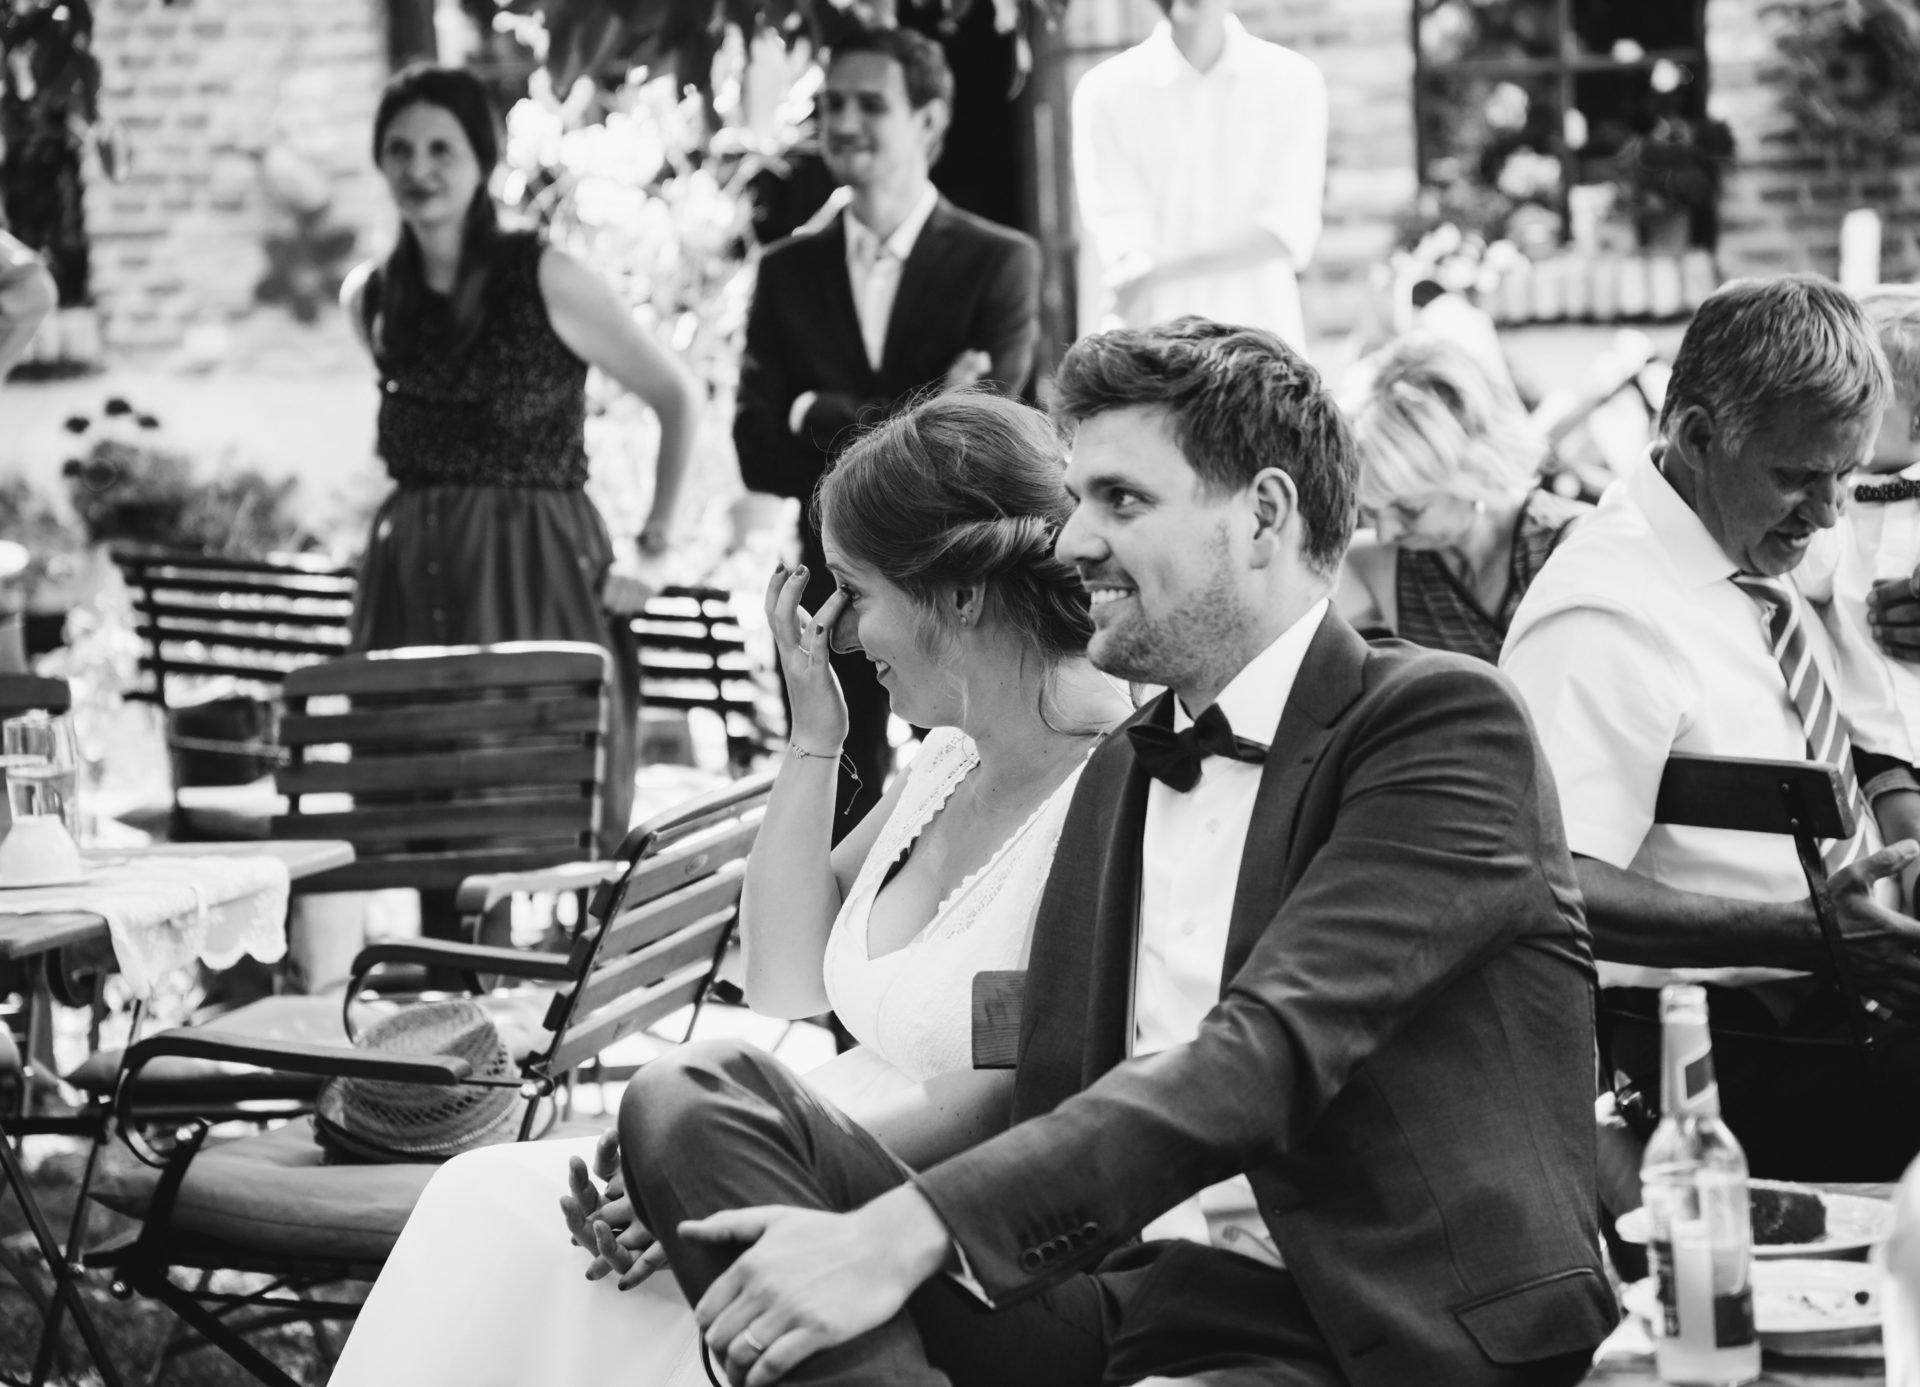 50mmfreunde Berlin Hochzeit 059 1920x1387 - Sommerhochzeit in dem Vierseithofcafé im Berliner Umland